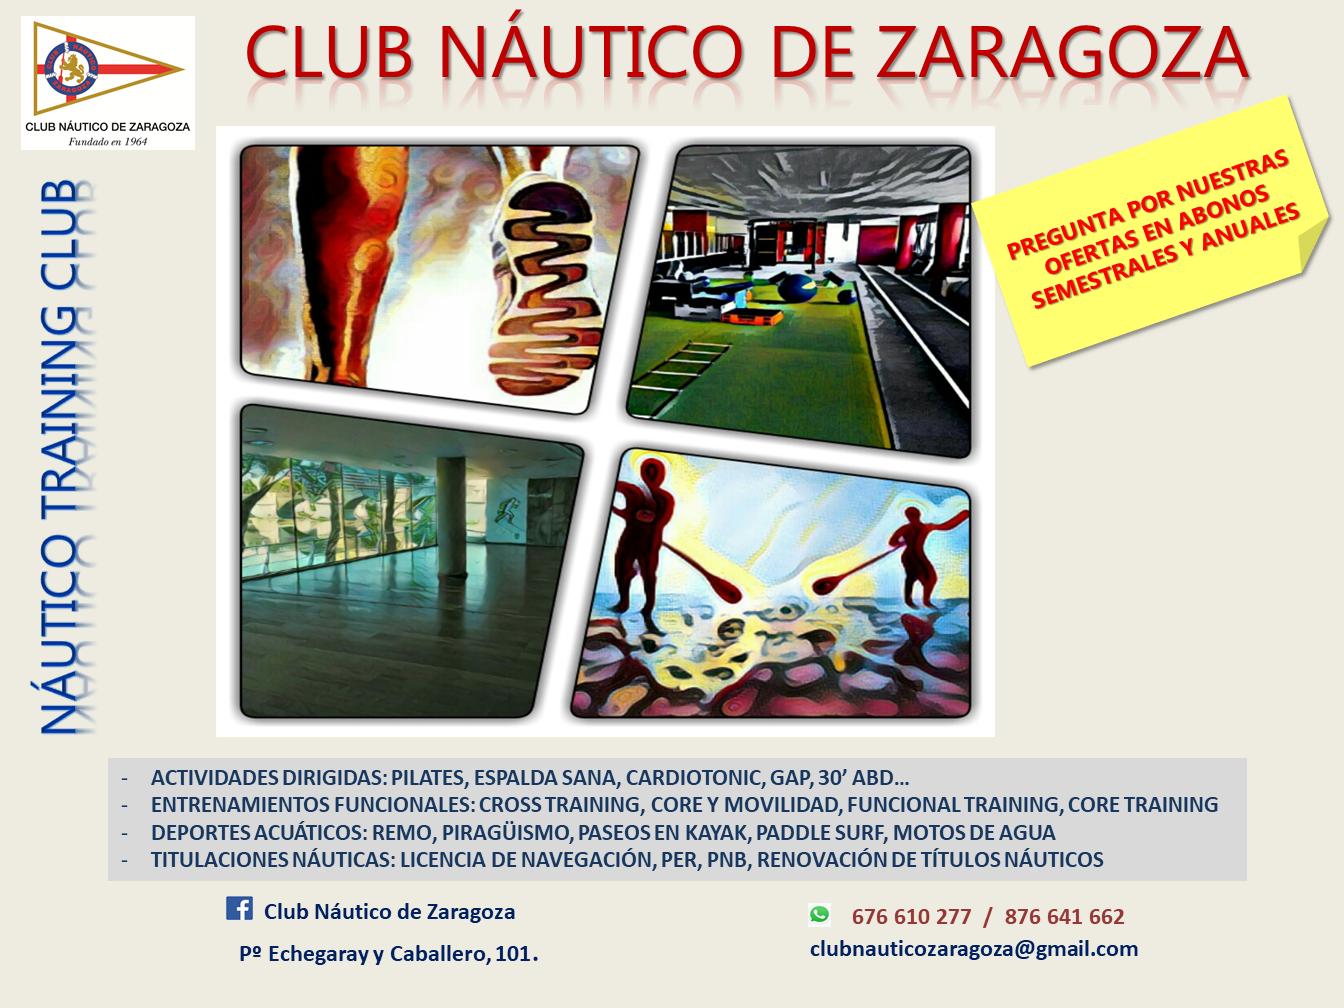 Club n utico zaragoza el gimnasio del club n utico de - Club nautico zaragoza ...